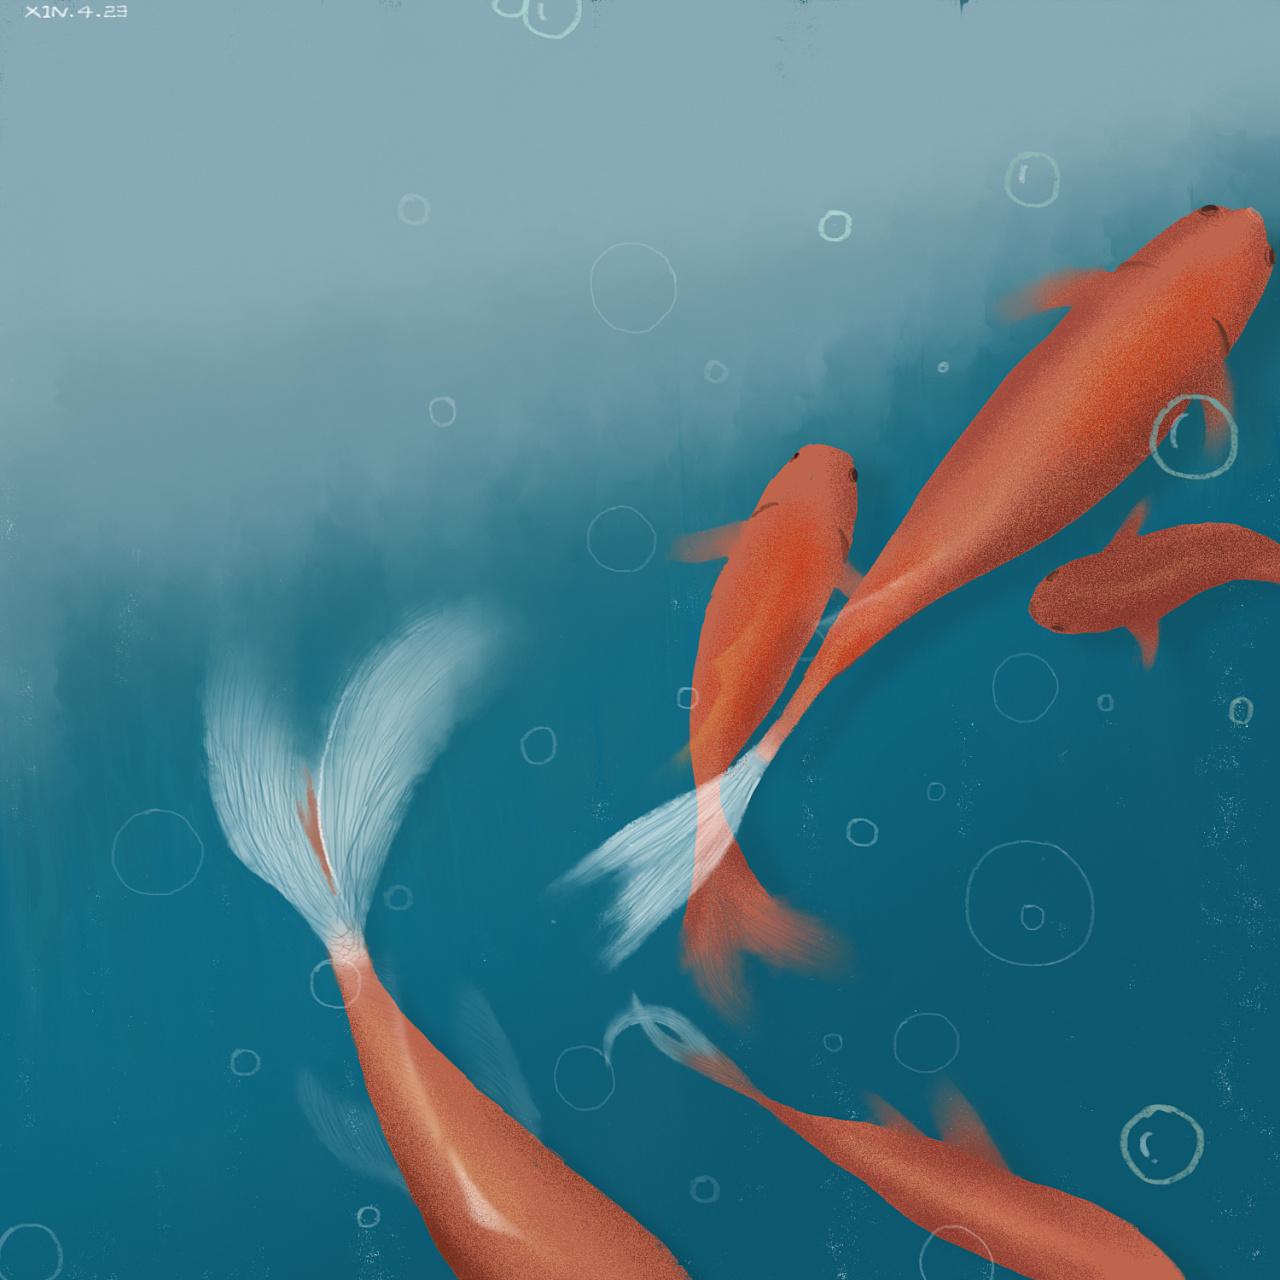 手绘锦鲤 办公室的鱼